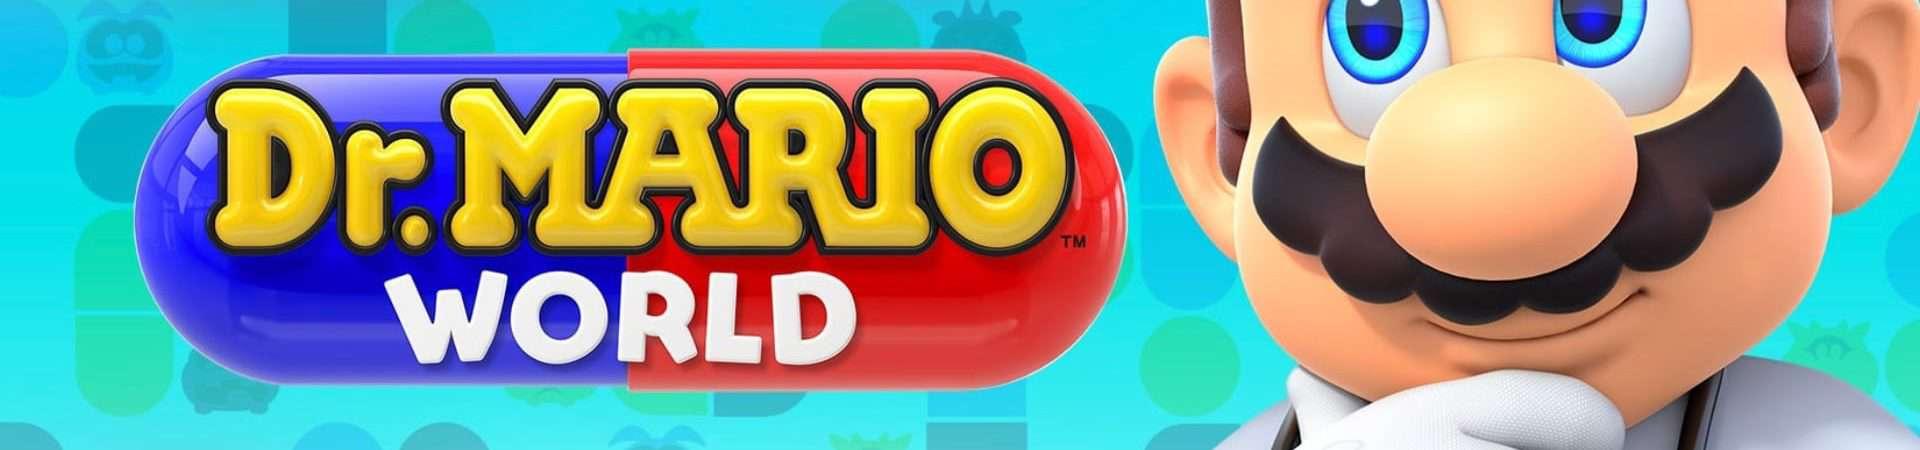 Nintendo encerra jogo 'Dr. Mario World' para celular sem lançá-lo no Brasil. Imagem: Nintendo/Divulgação